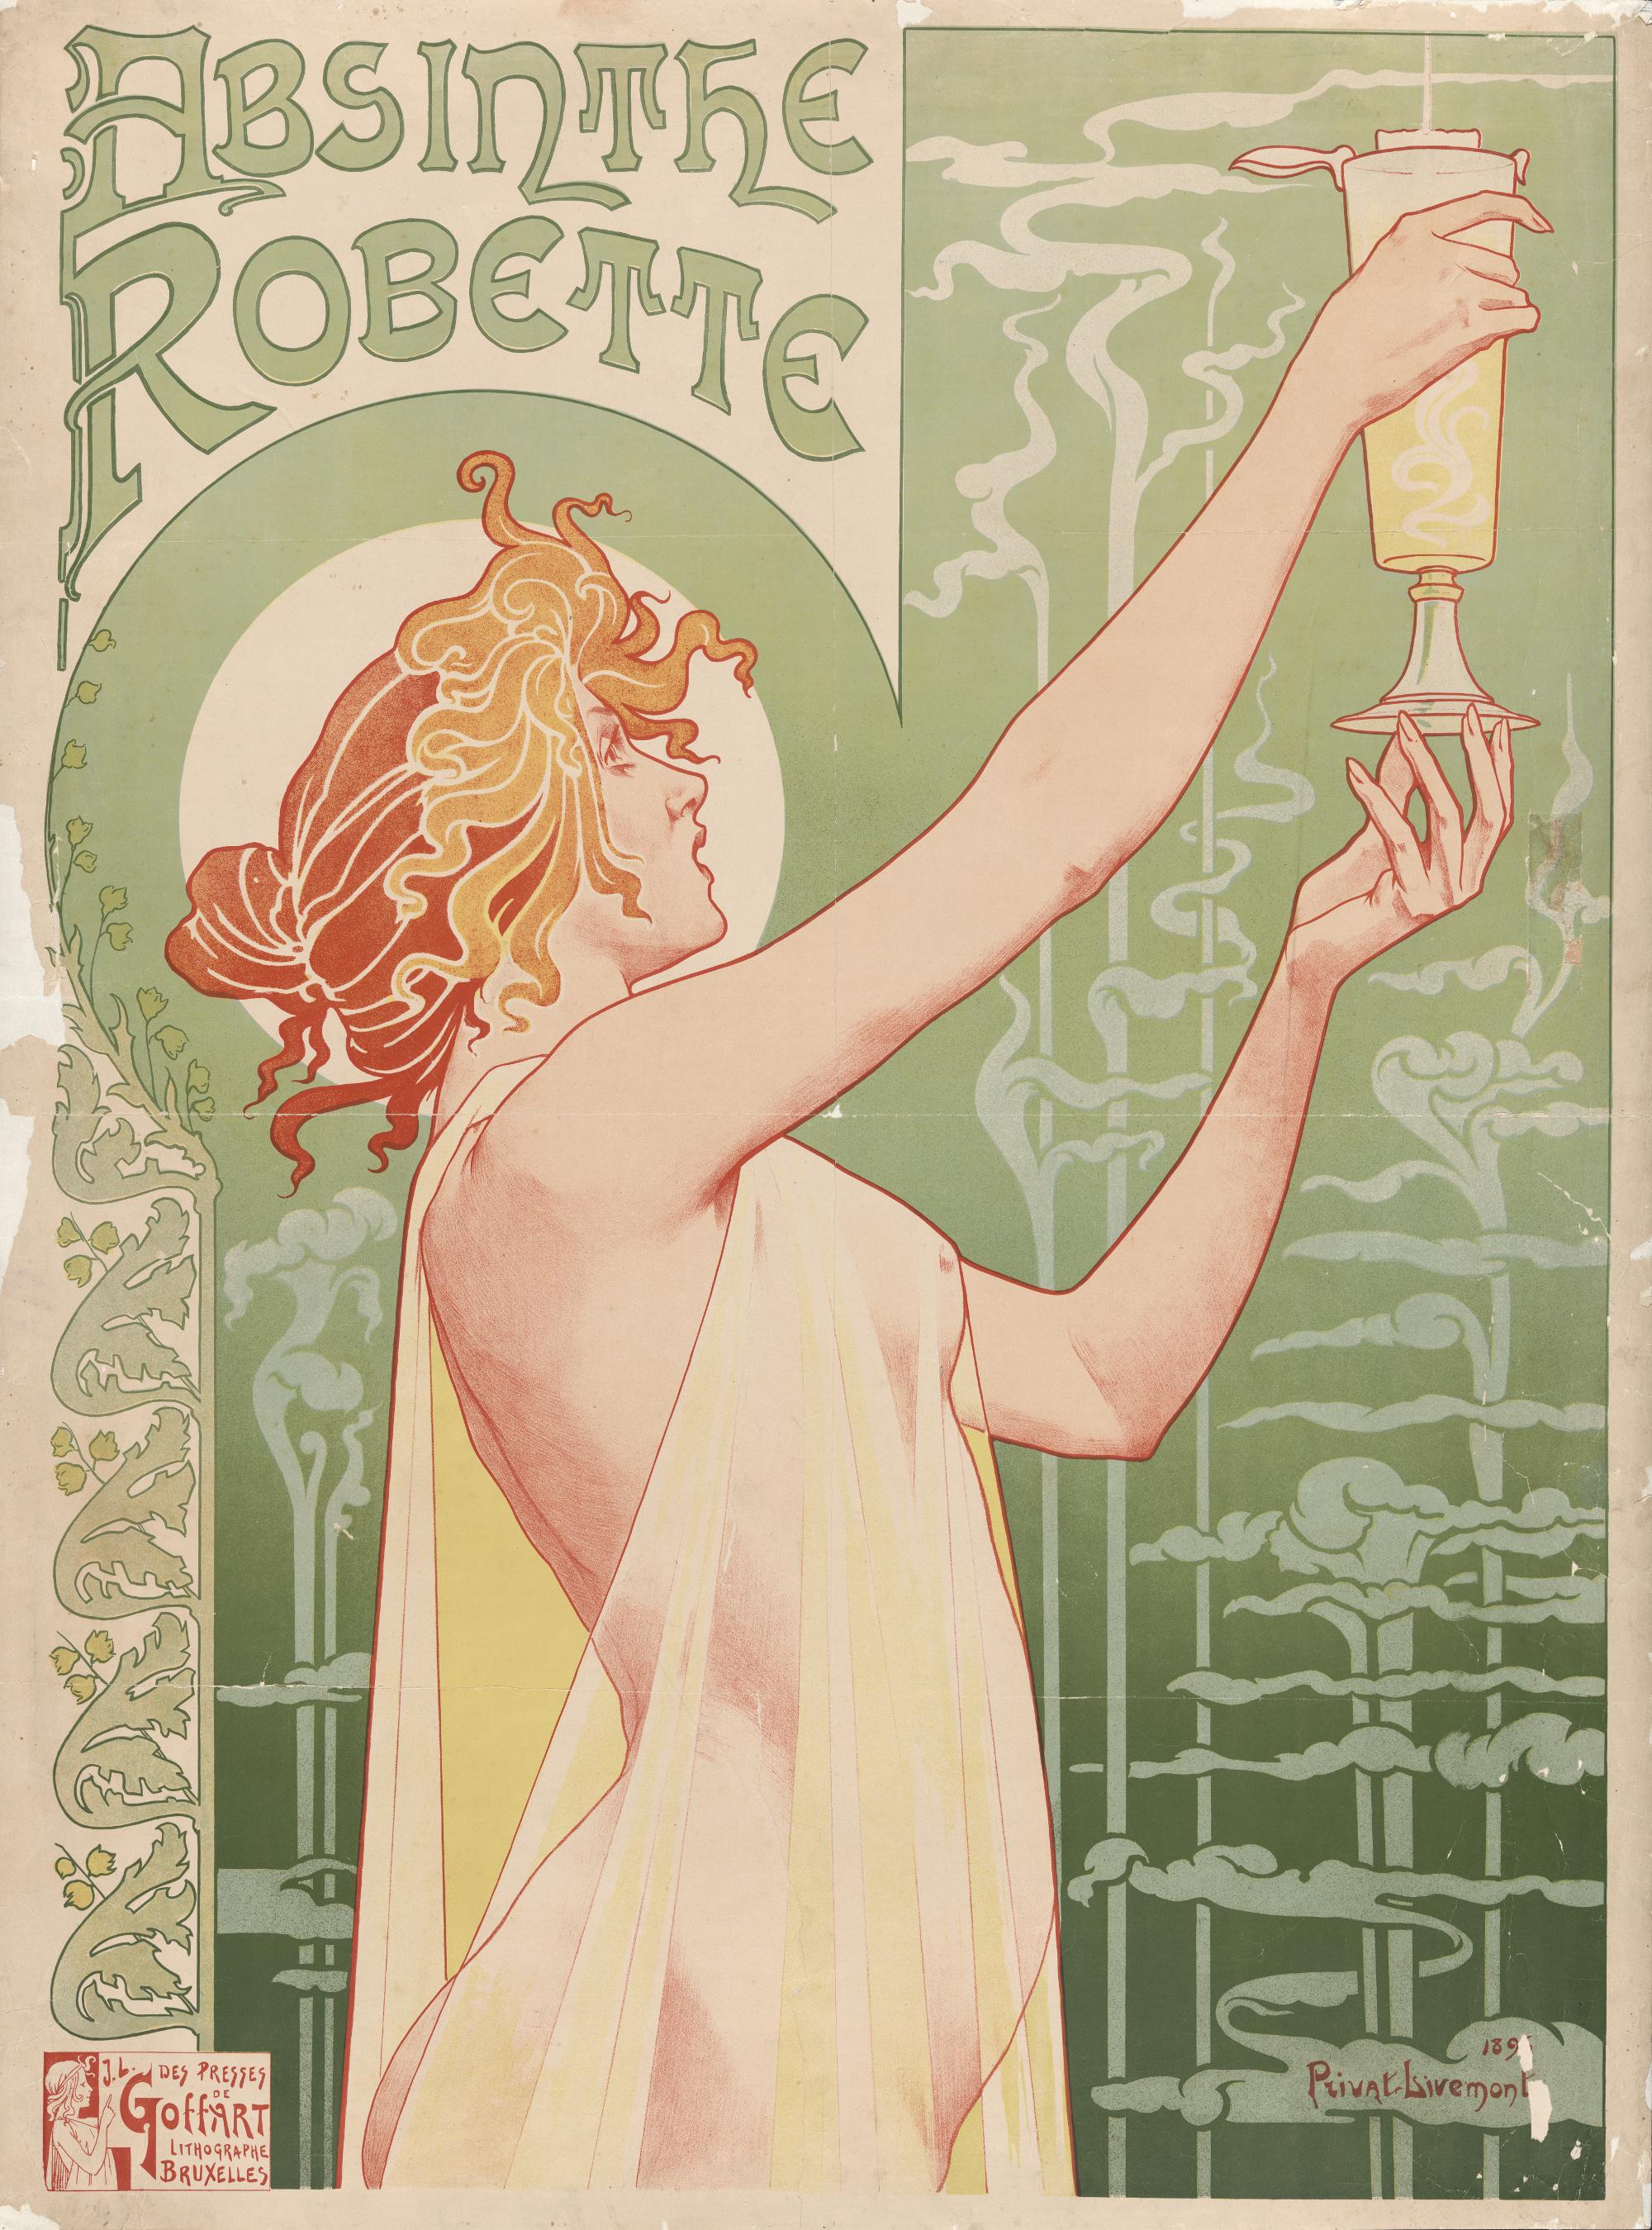 2 Privat Livemont Absinthe Robette 1896